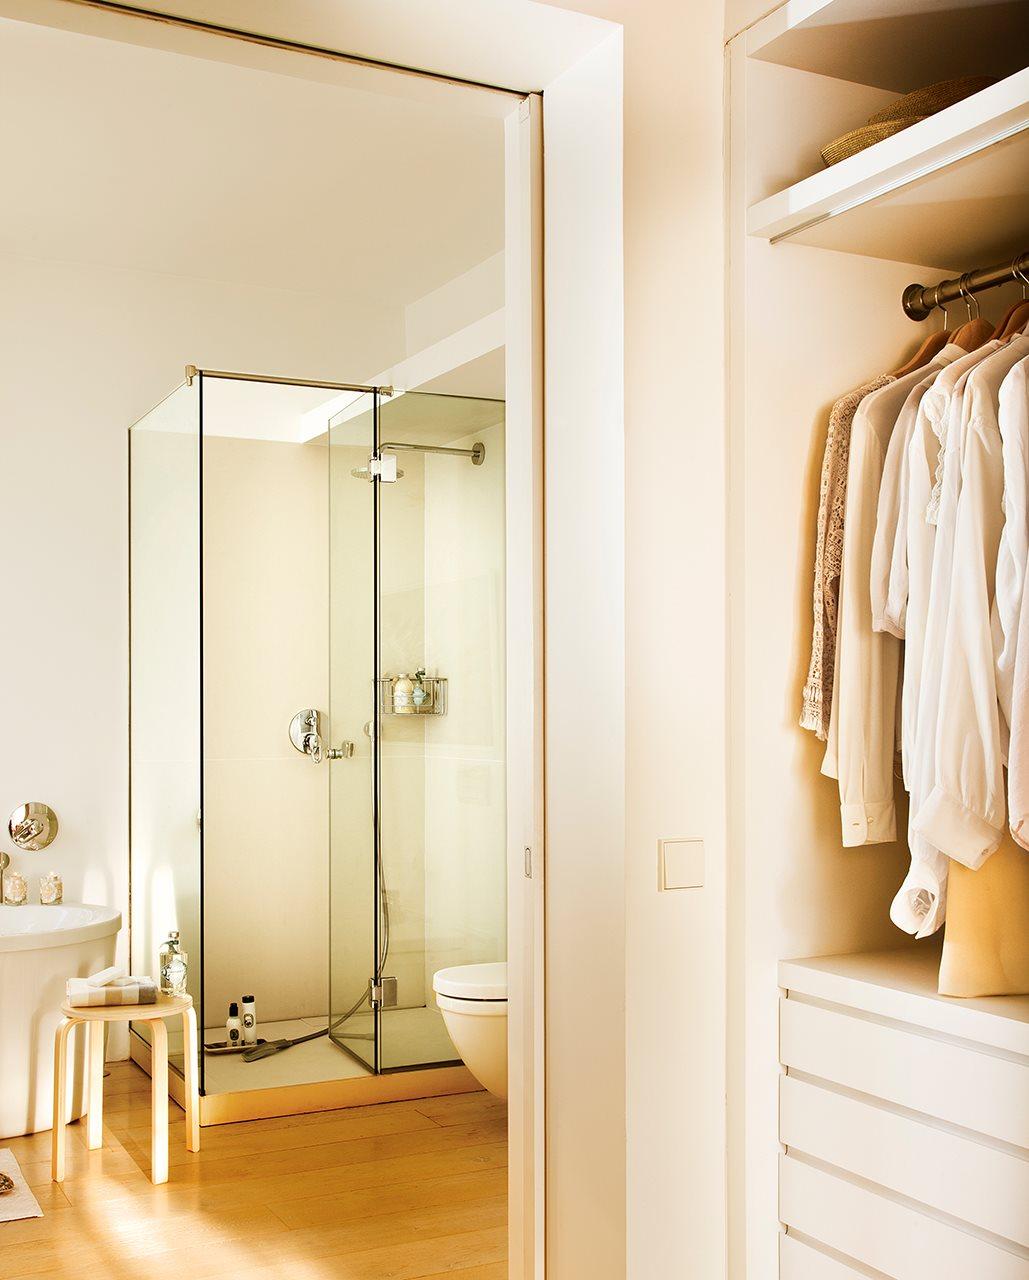 Un ba o con ba era ducha y un vestidor for Distribucion bano 2x2